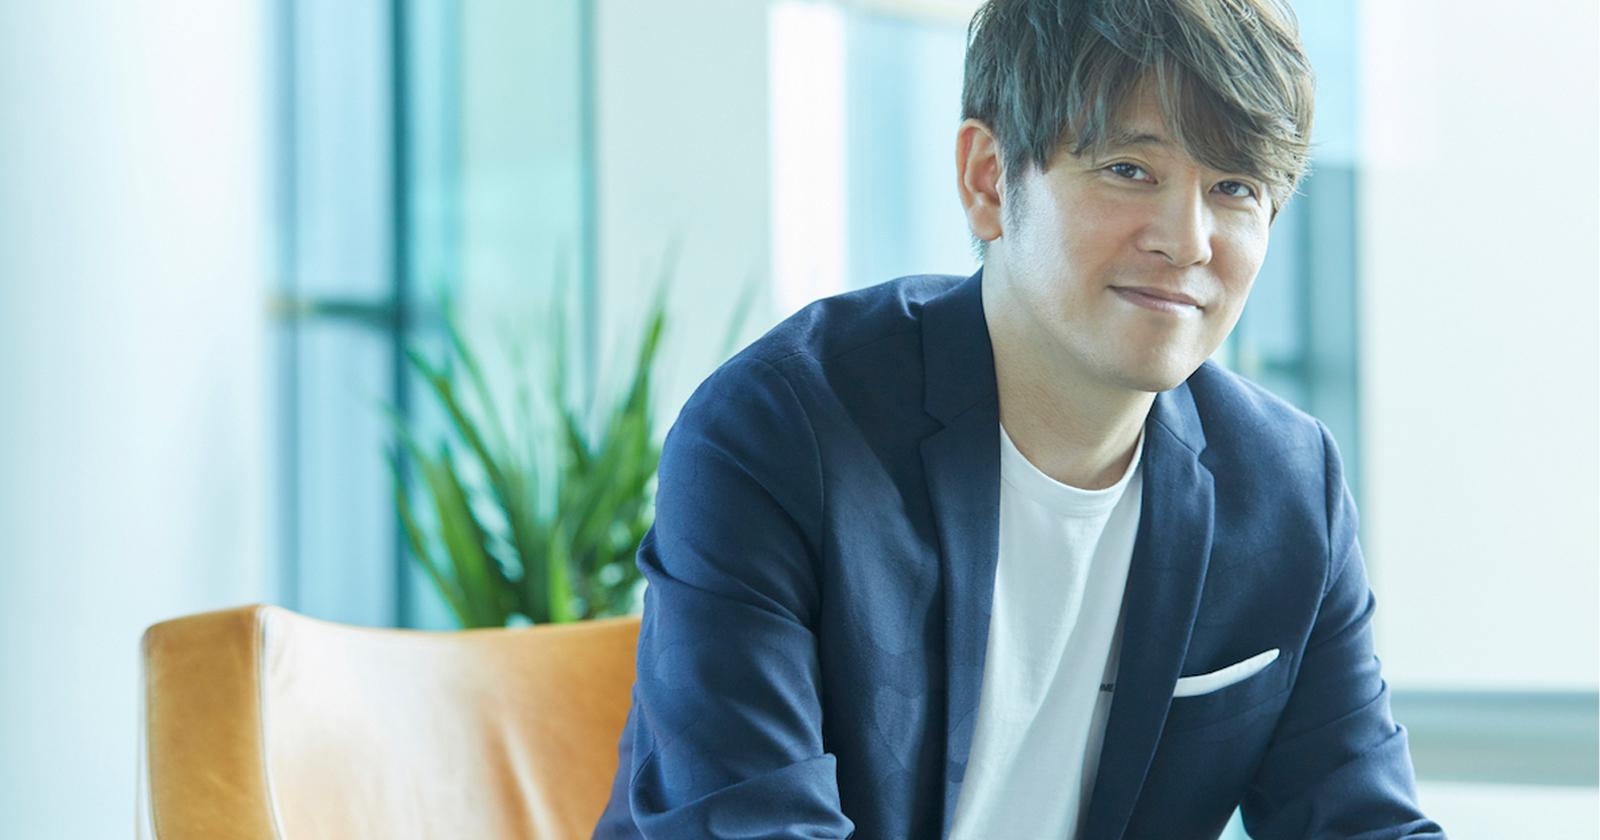 当社代表の志水雄一郎が日本ベンチャーキャピタル協会ベンチャーエコシステム委員会の委員に任命されました。